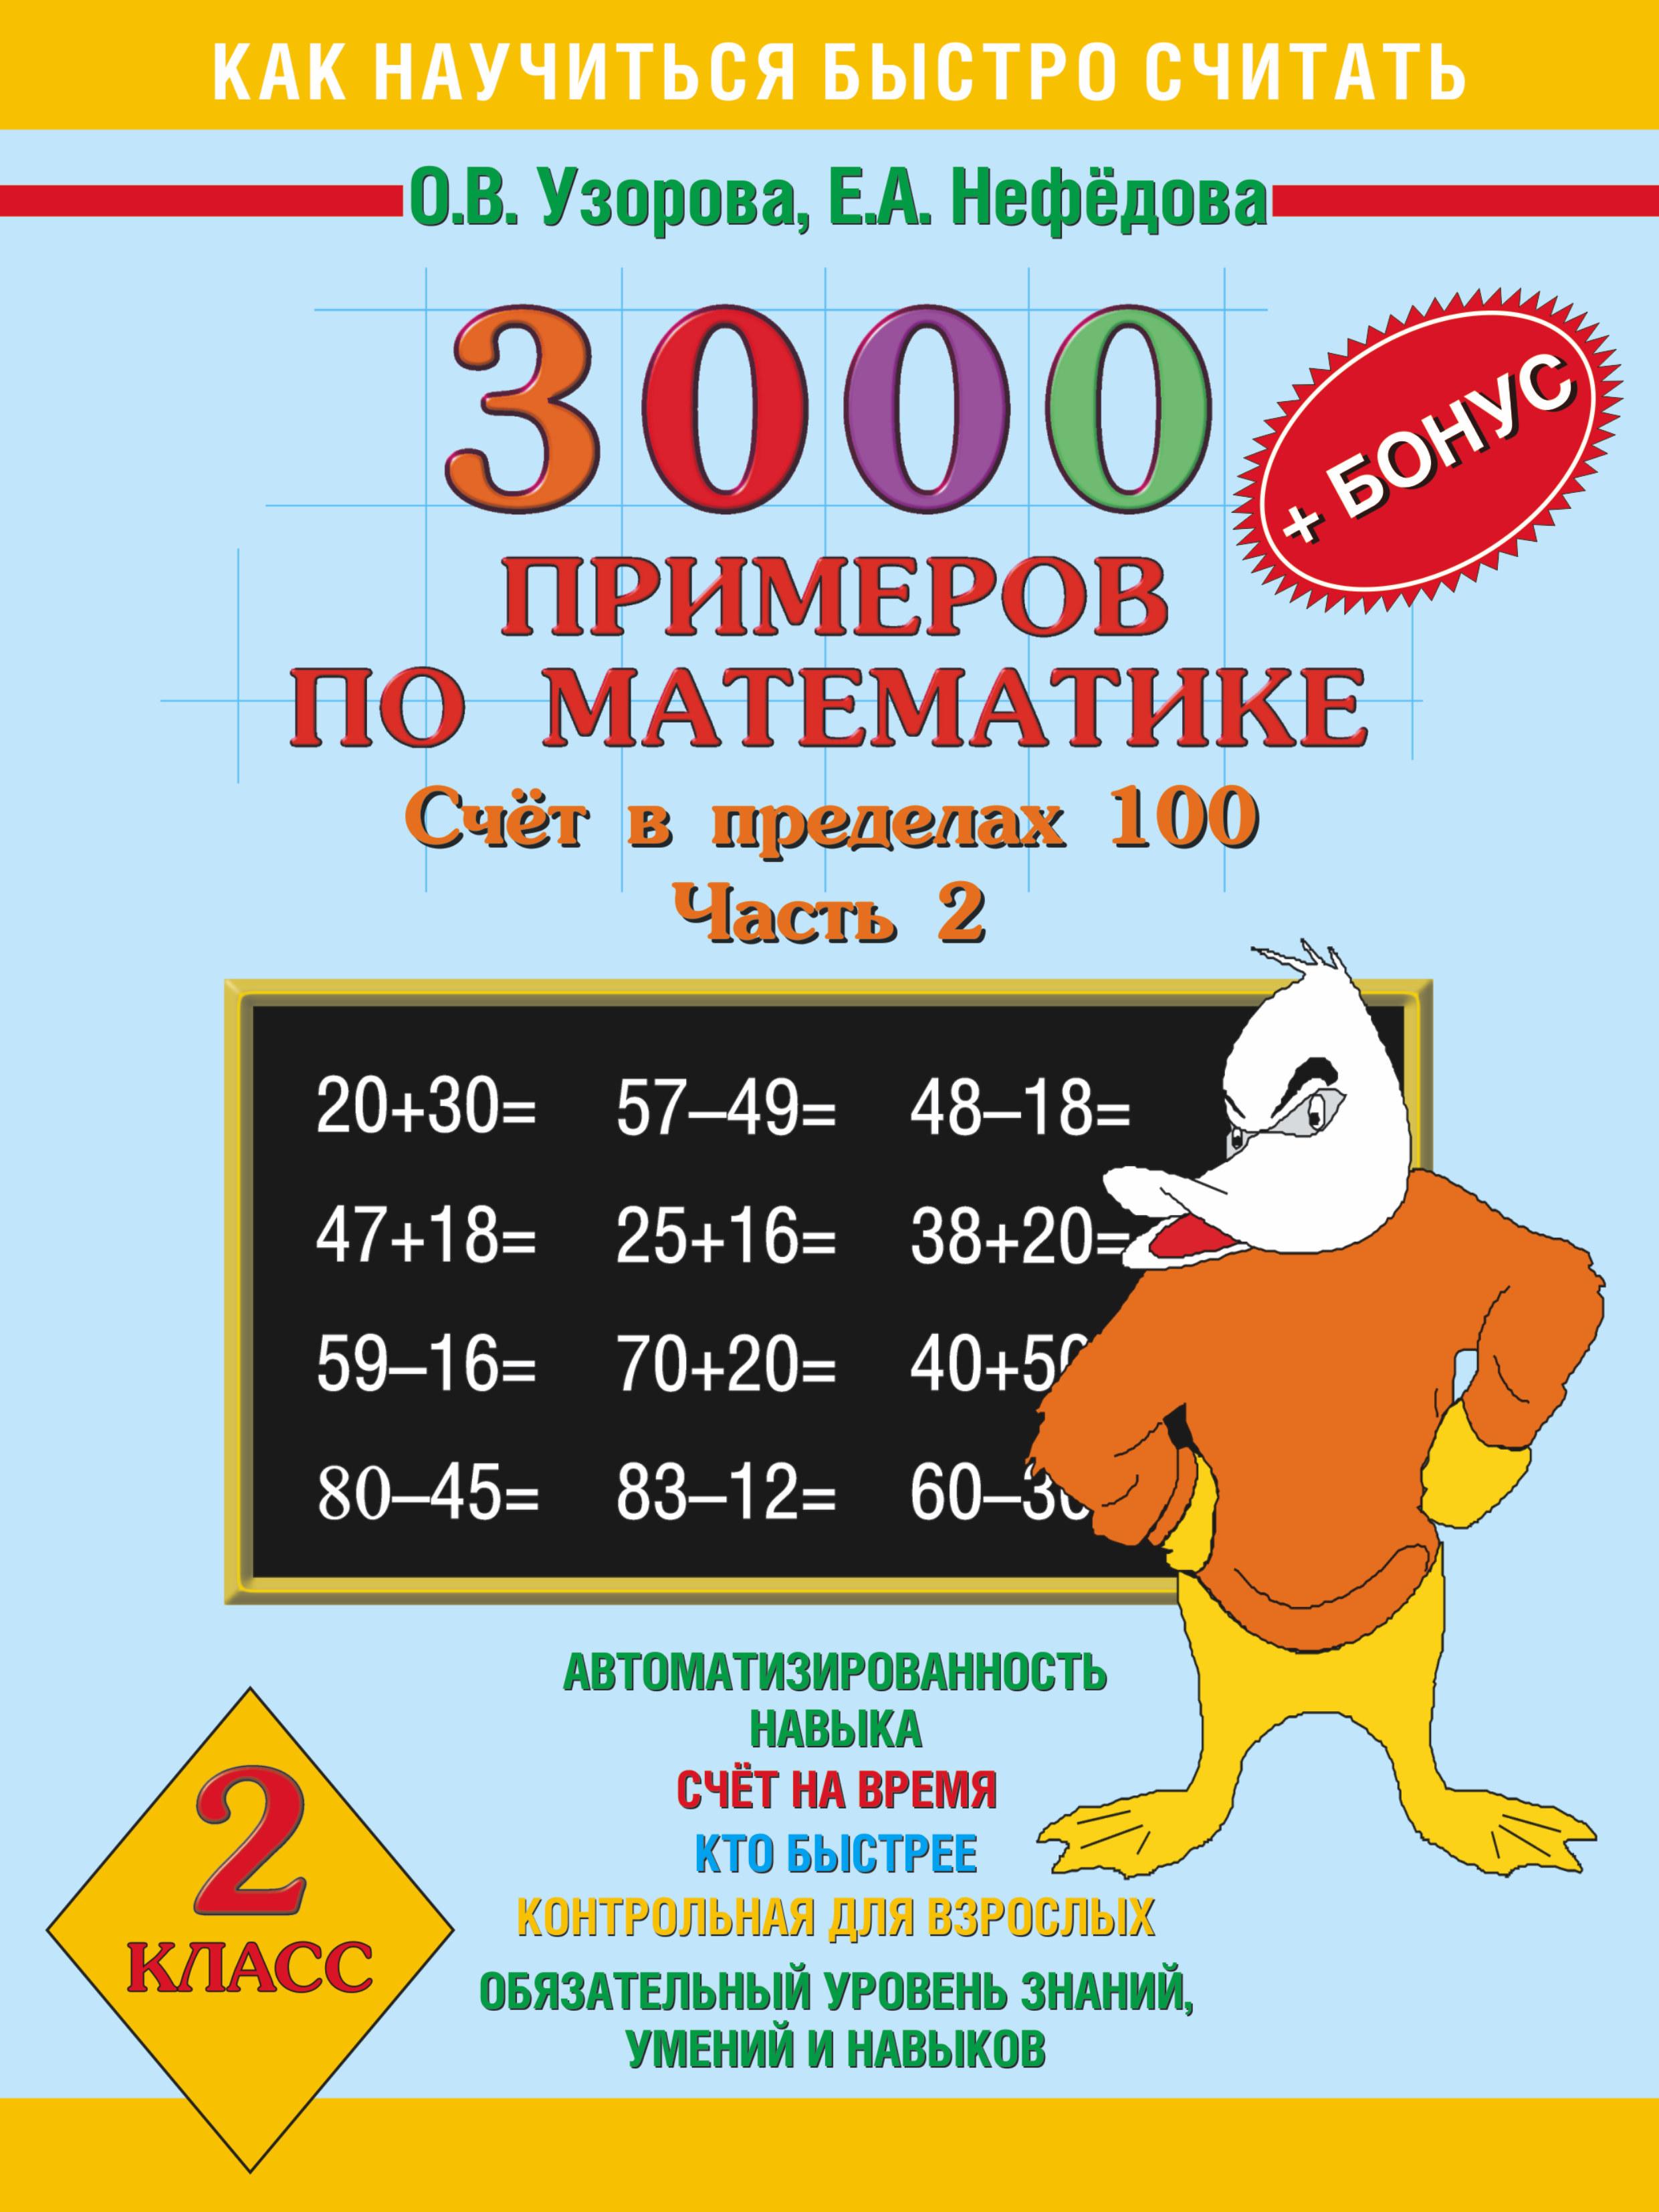 Узорова О.В., Нефедова Е.А. 3000 + бонус примеров по математике (счёт в пределах 100) 2 класс часть 2